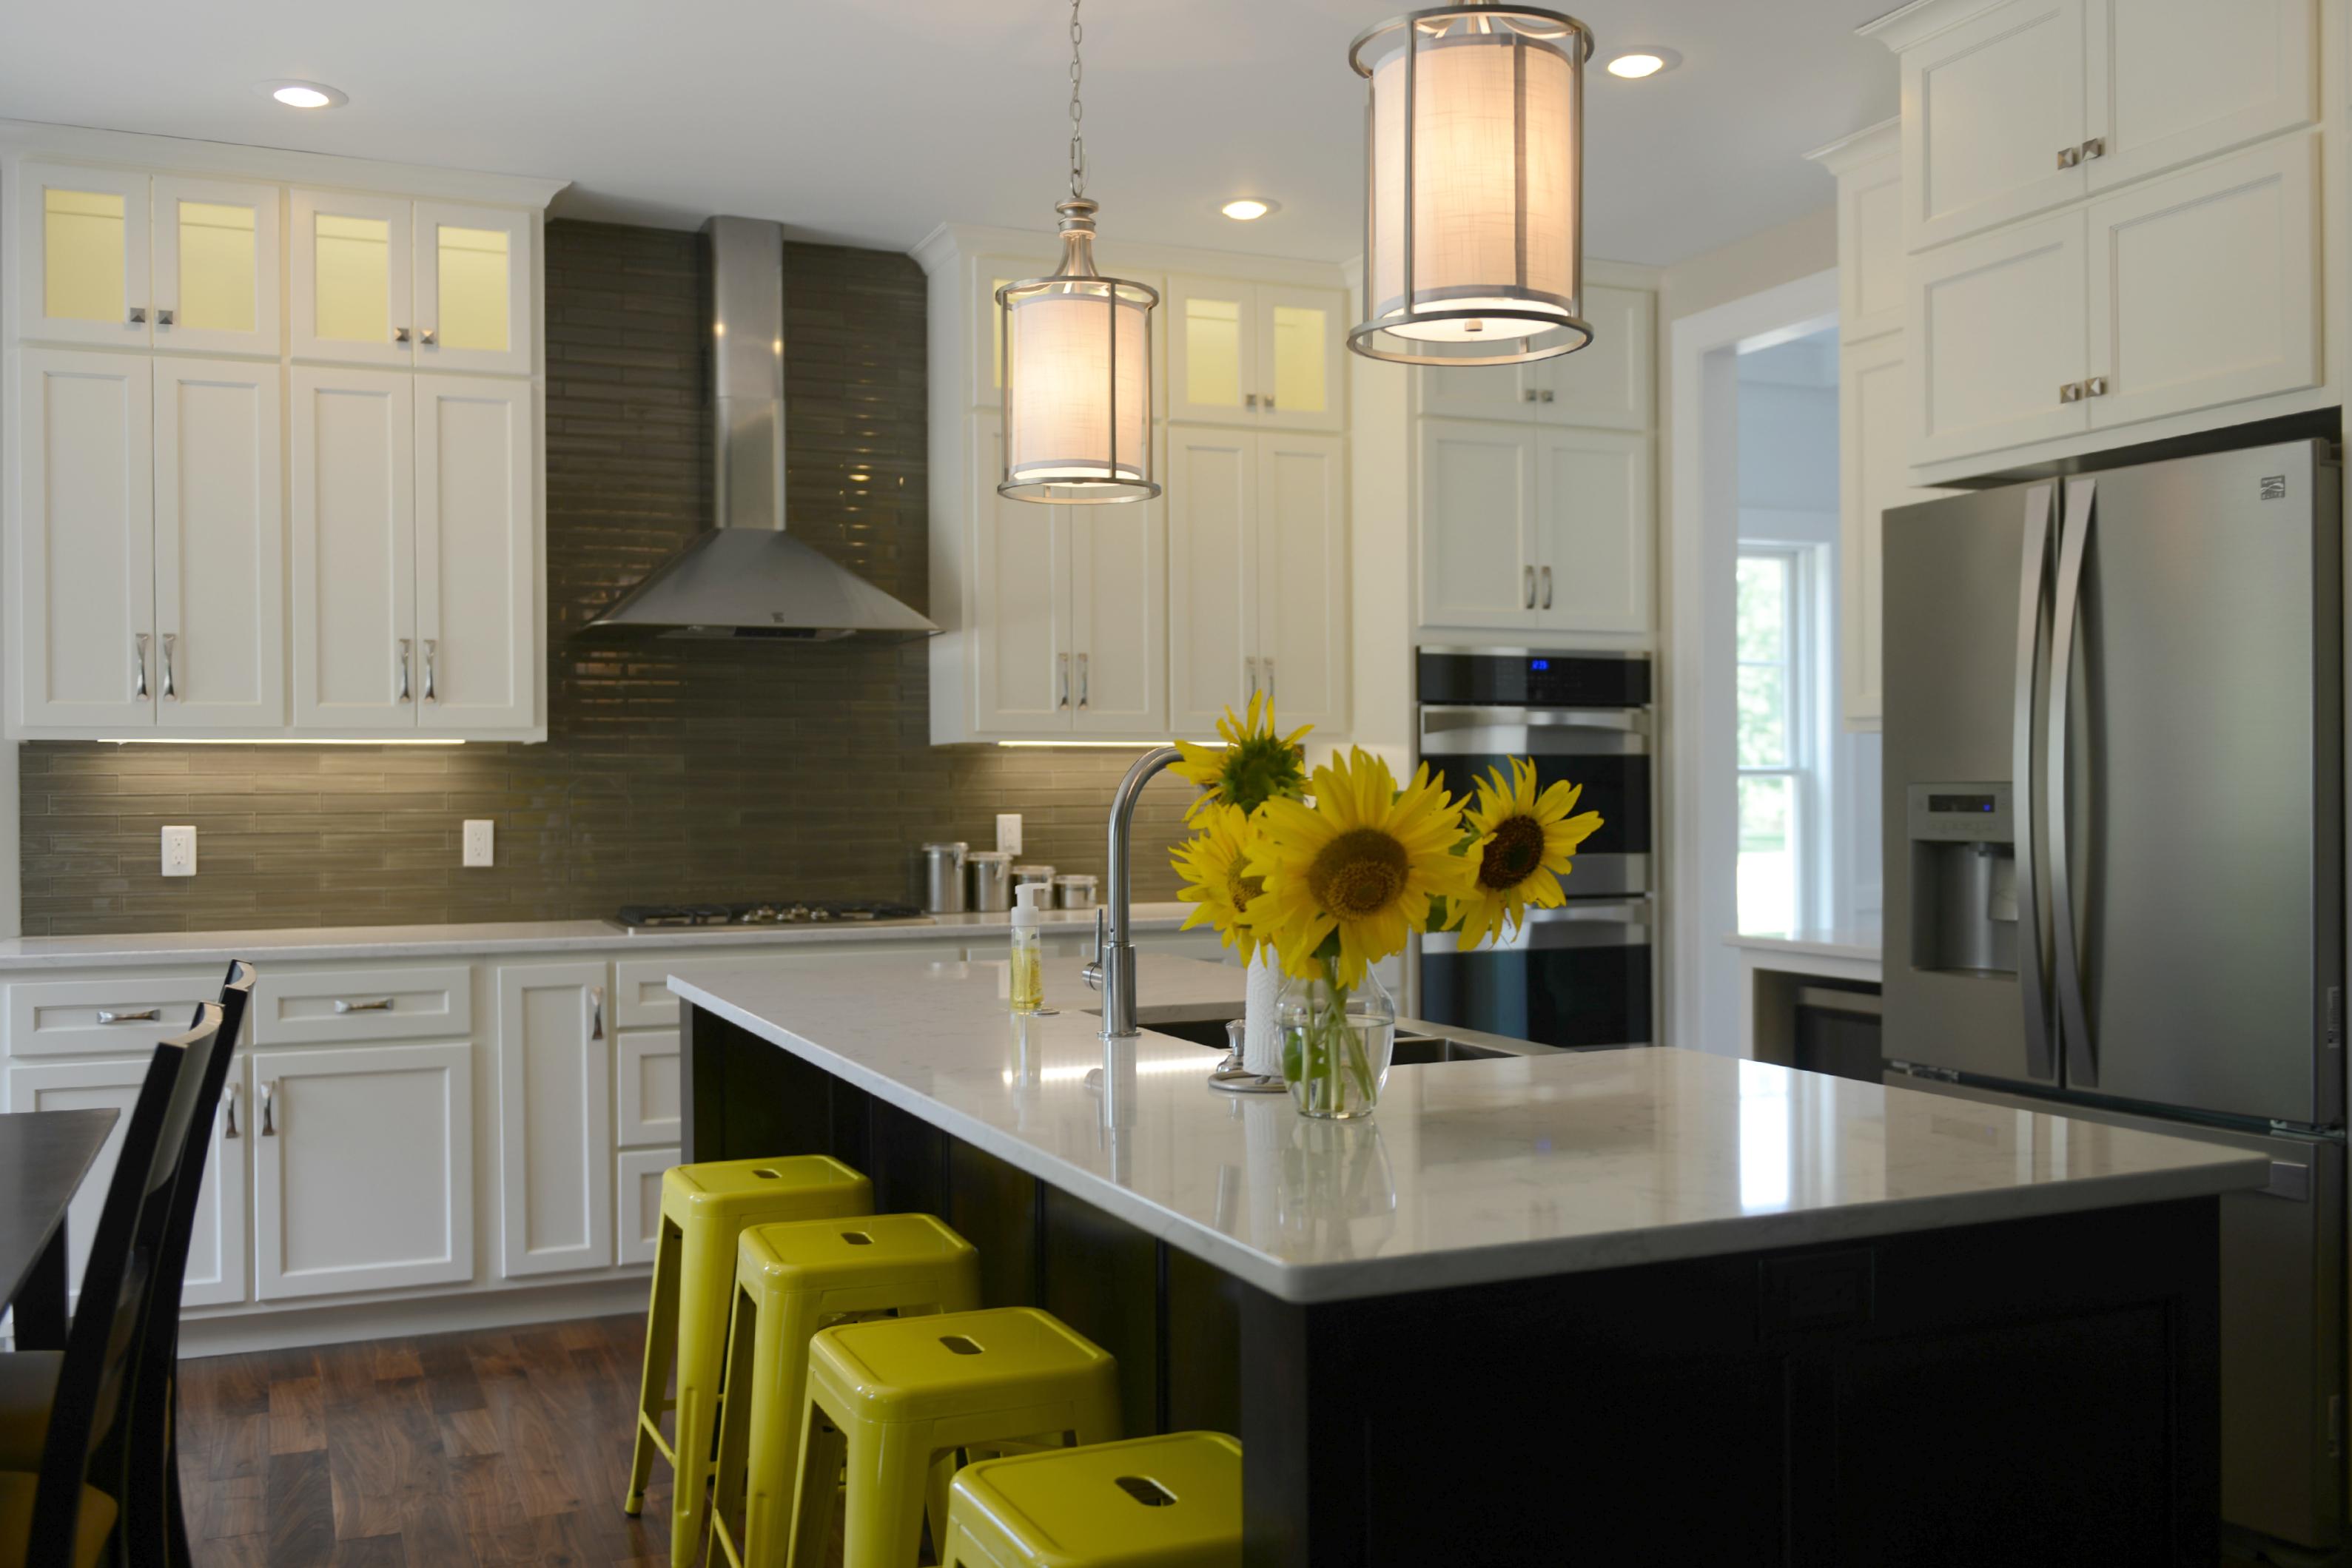 home advisor reports average kitchen remodel costs kitchen remodel costs Home Advisor reports average kitchen remodel costs 19